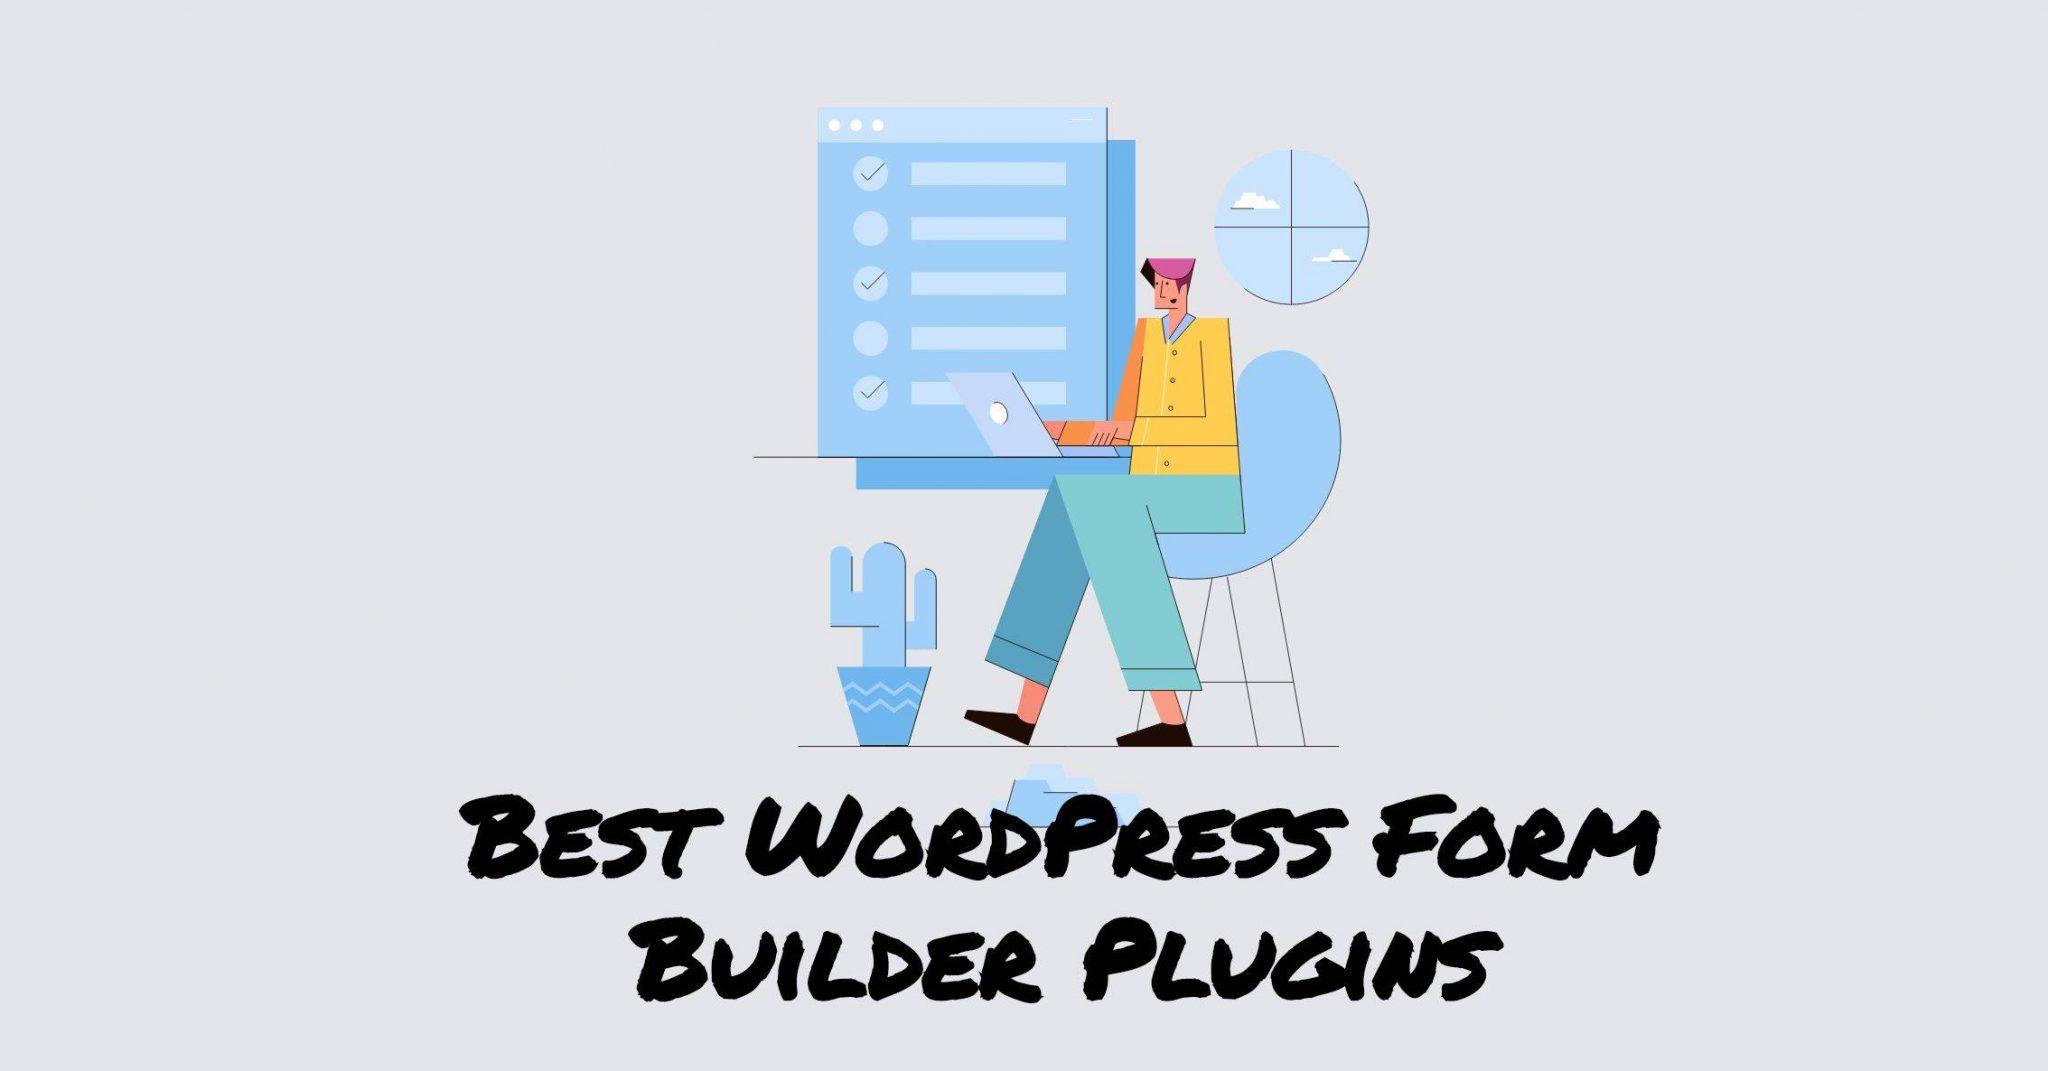 Best wordpress form builder plugins